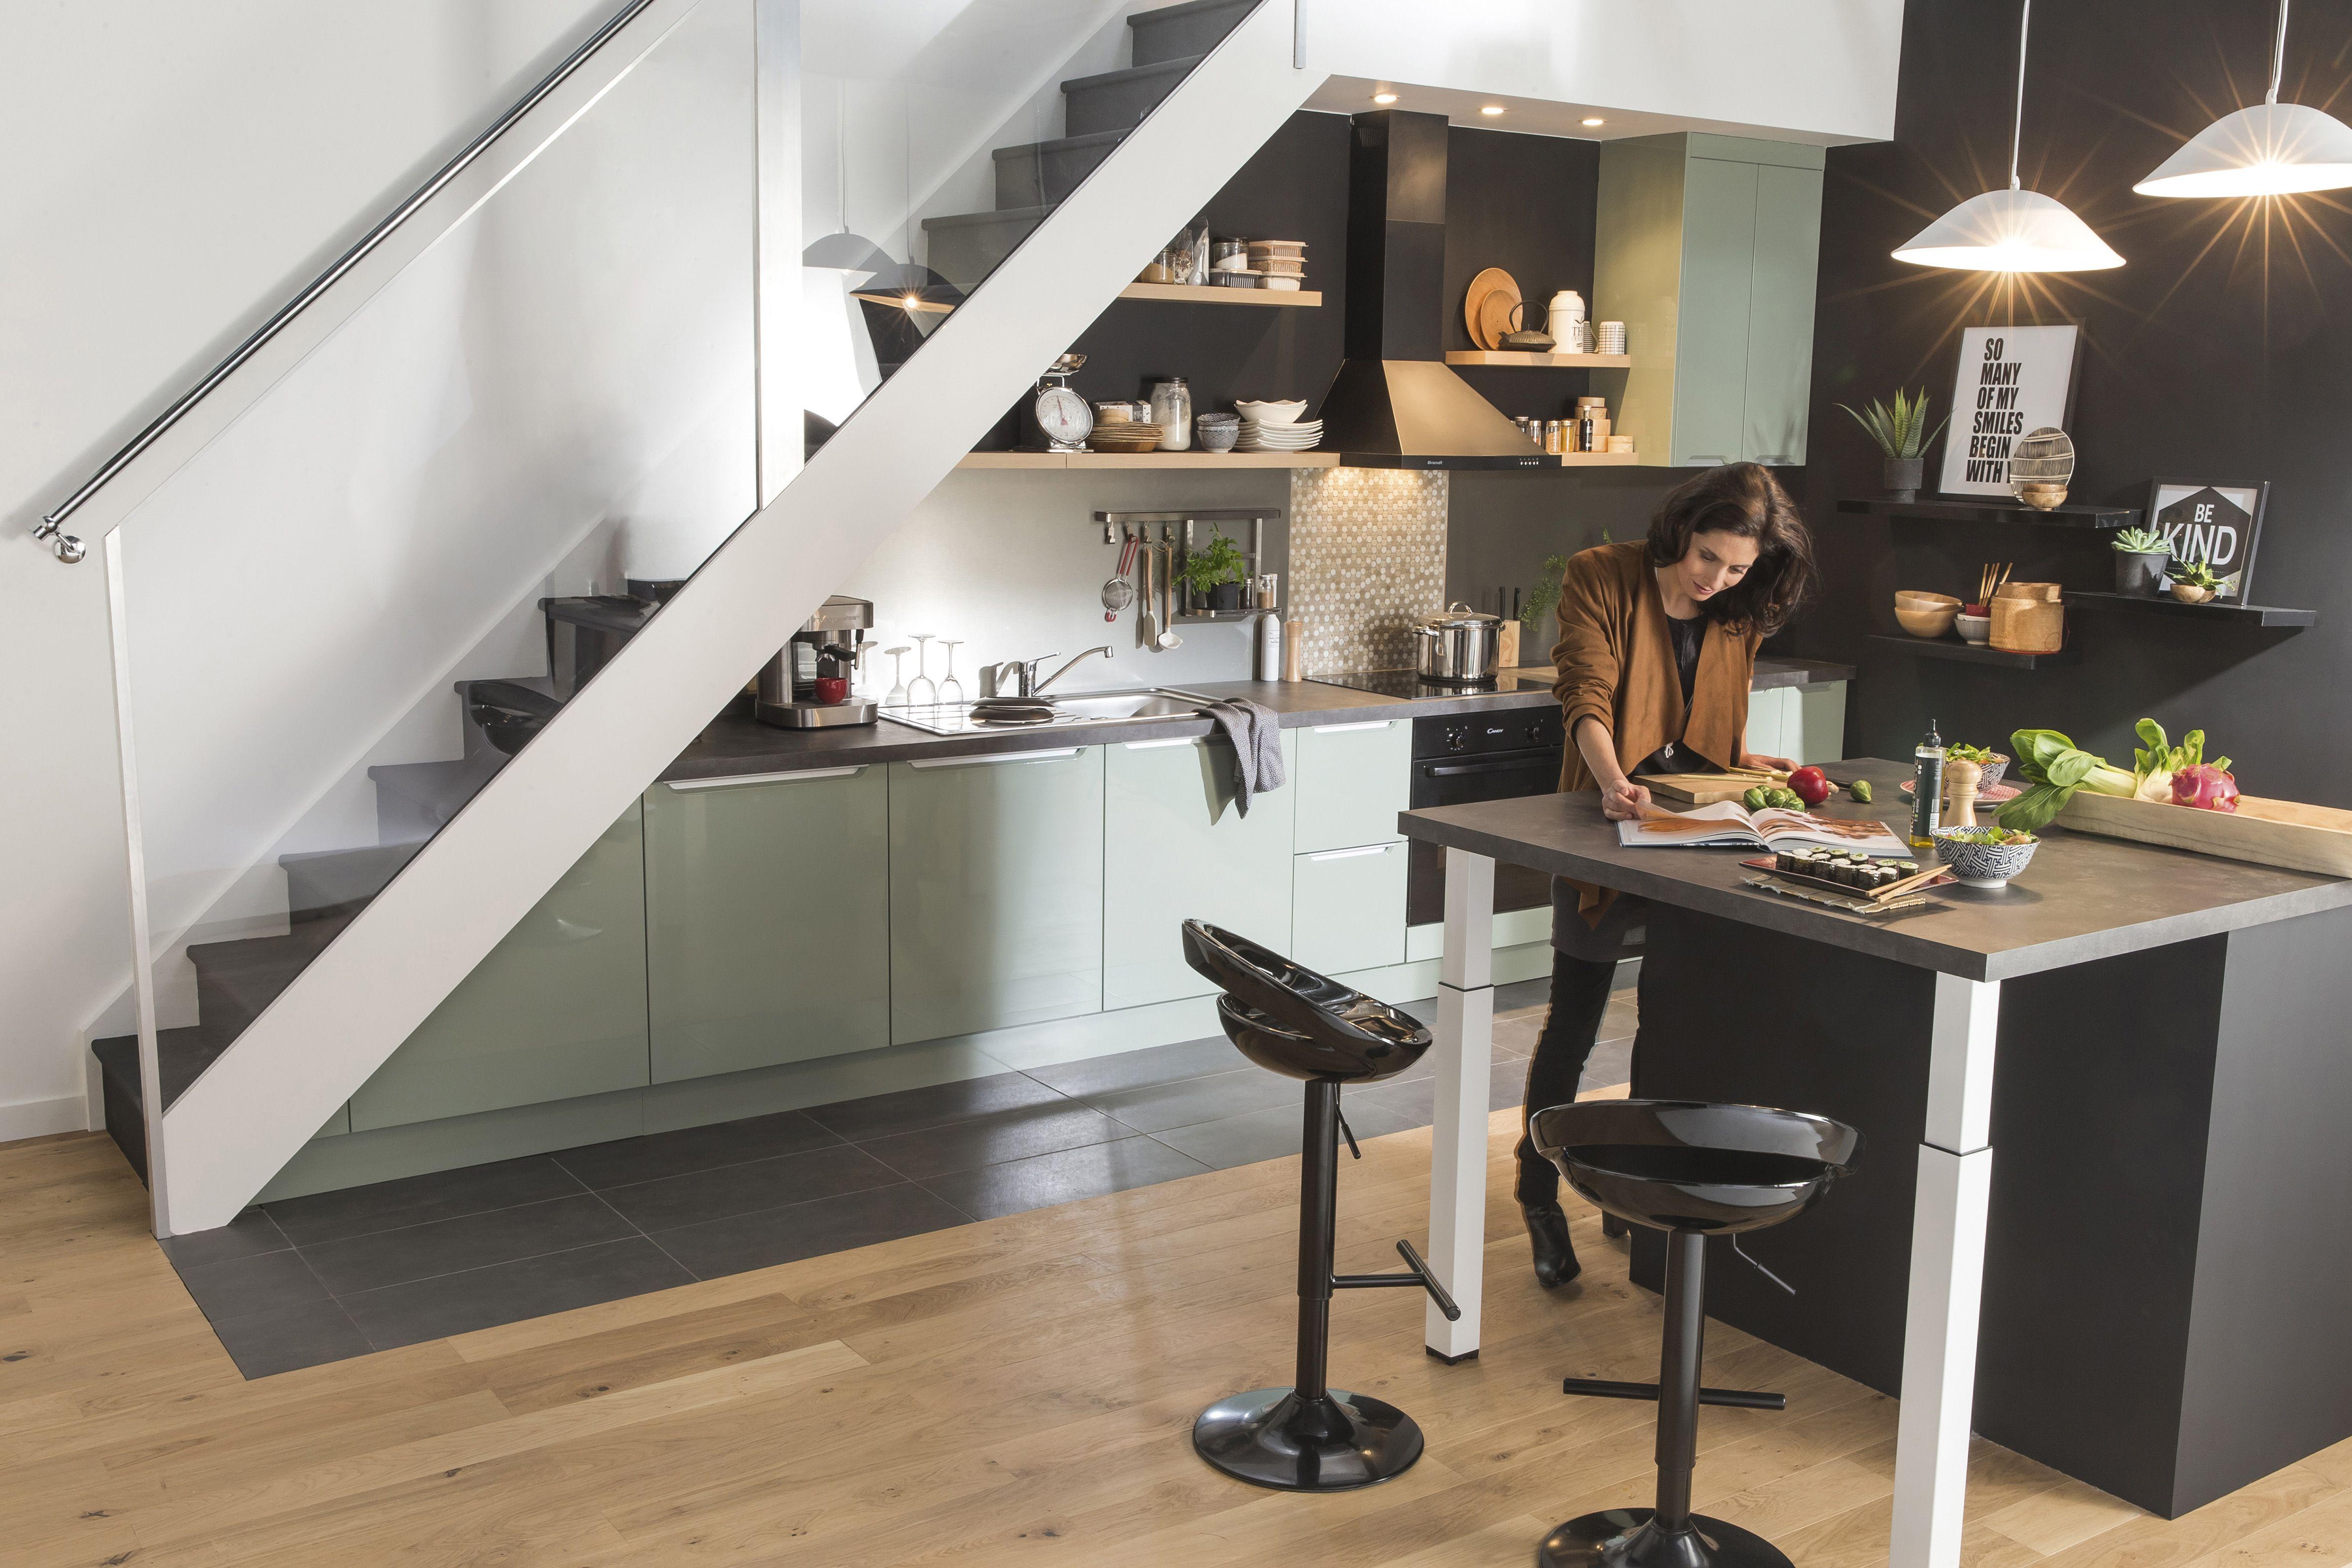 cuisine pratique sous l'escalier. #cuisine #rangement | cuisine